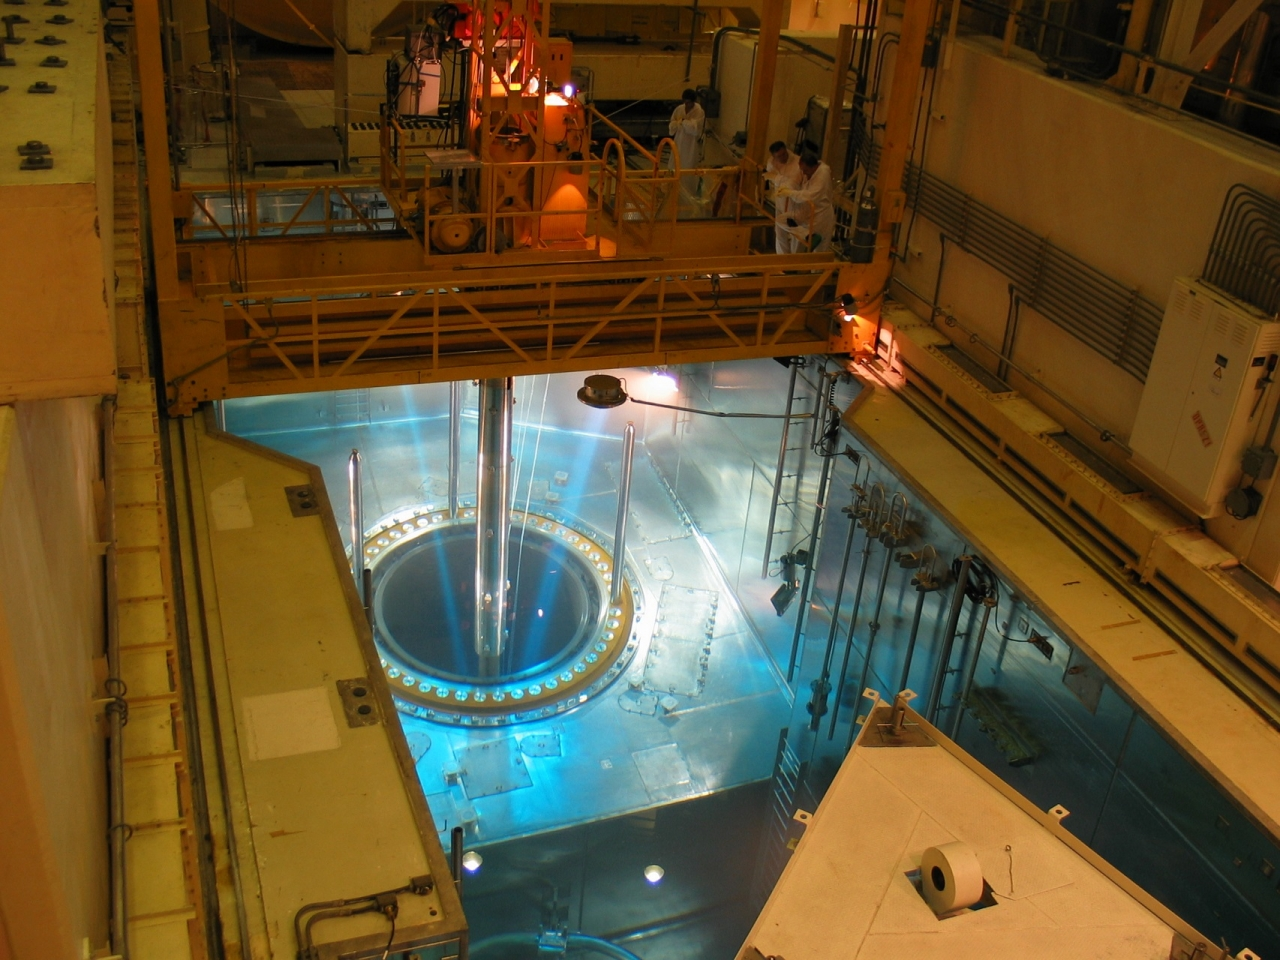 V omrežje vključen prvi EPR jedrski reaktor